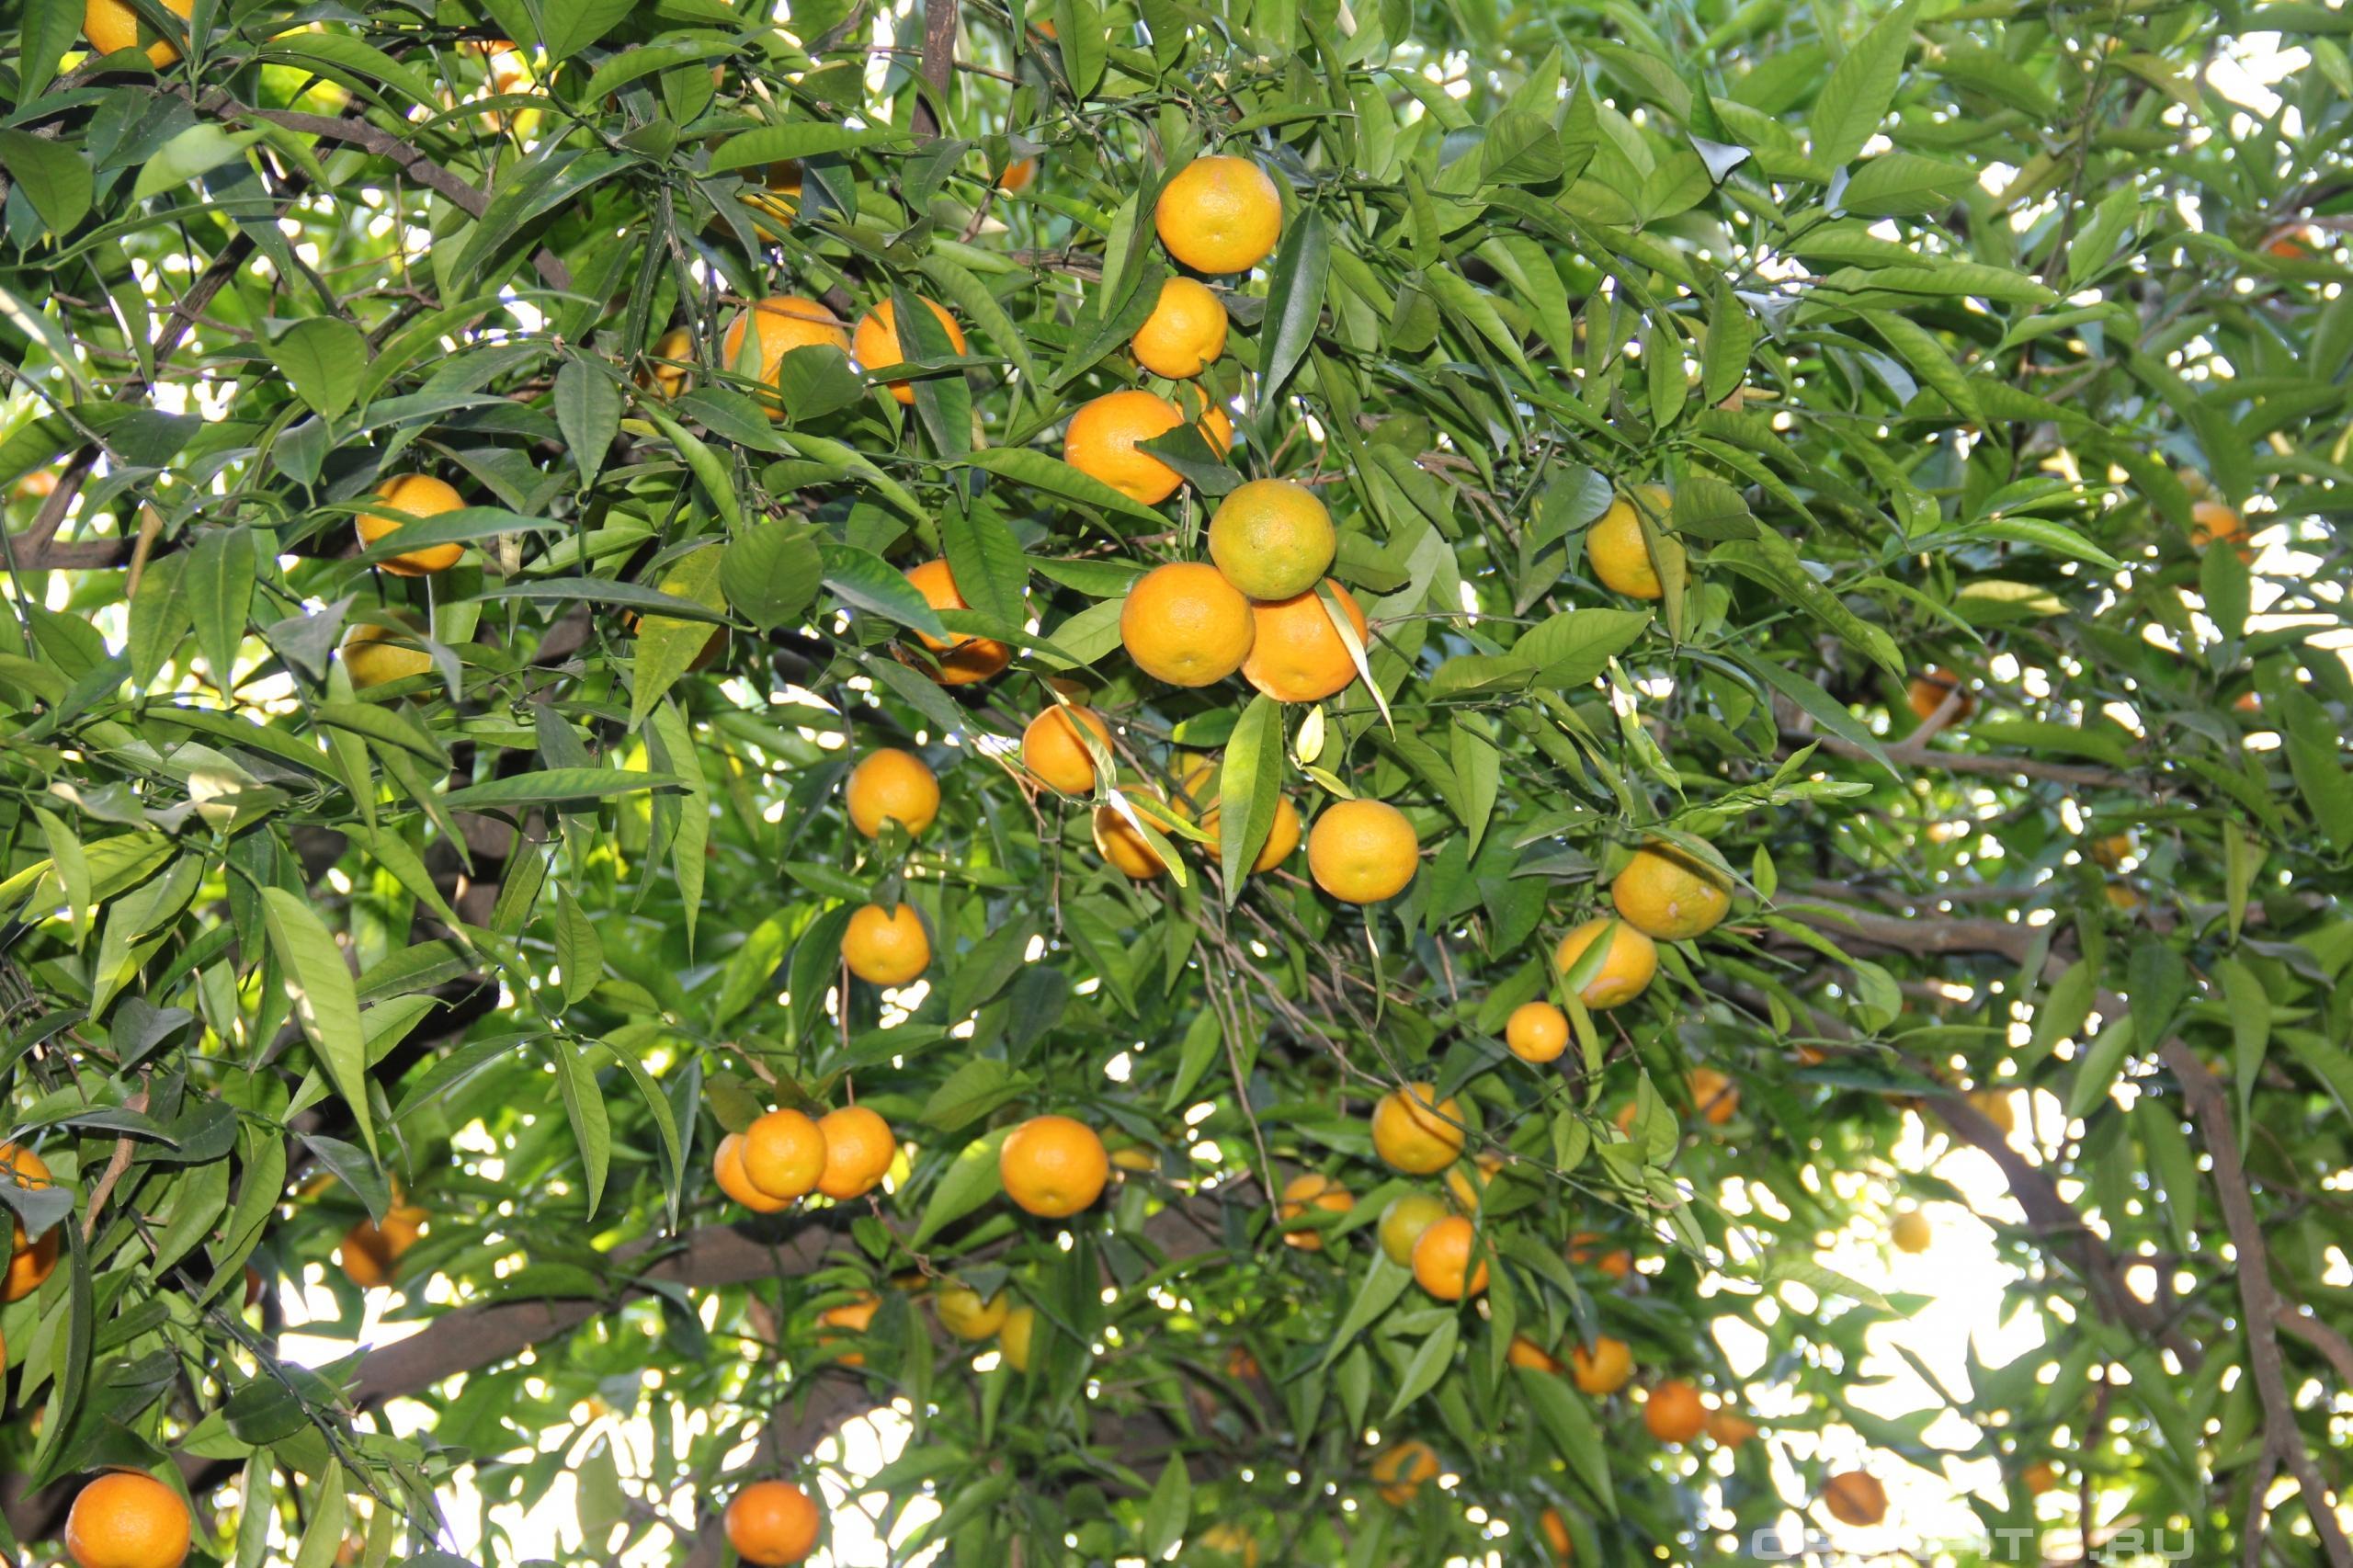 Цитрус сетчатый или мандариновое дерево